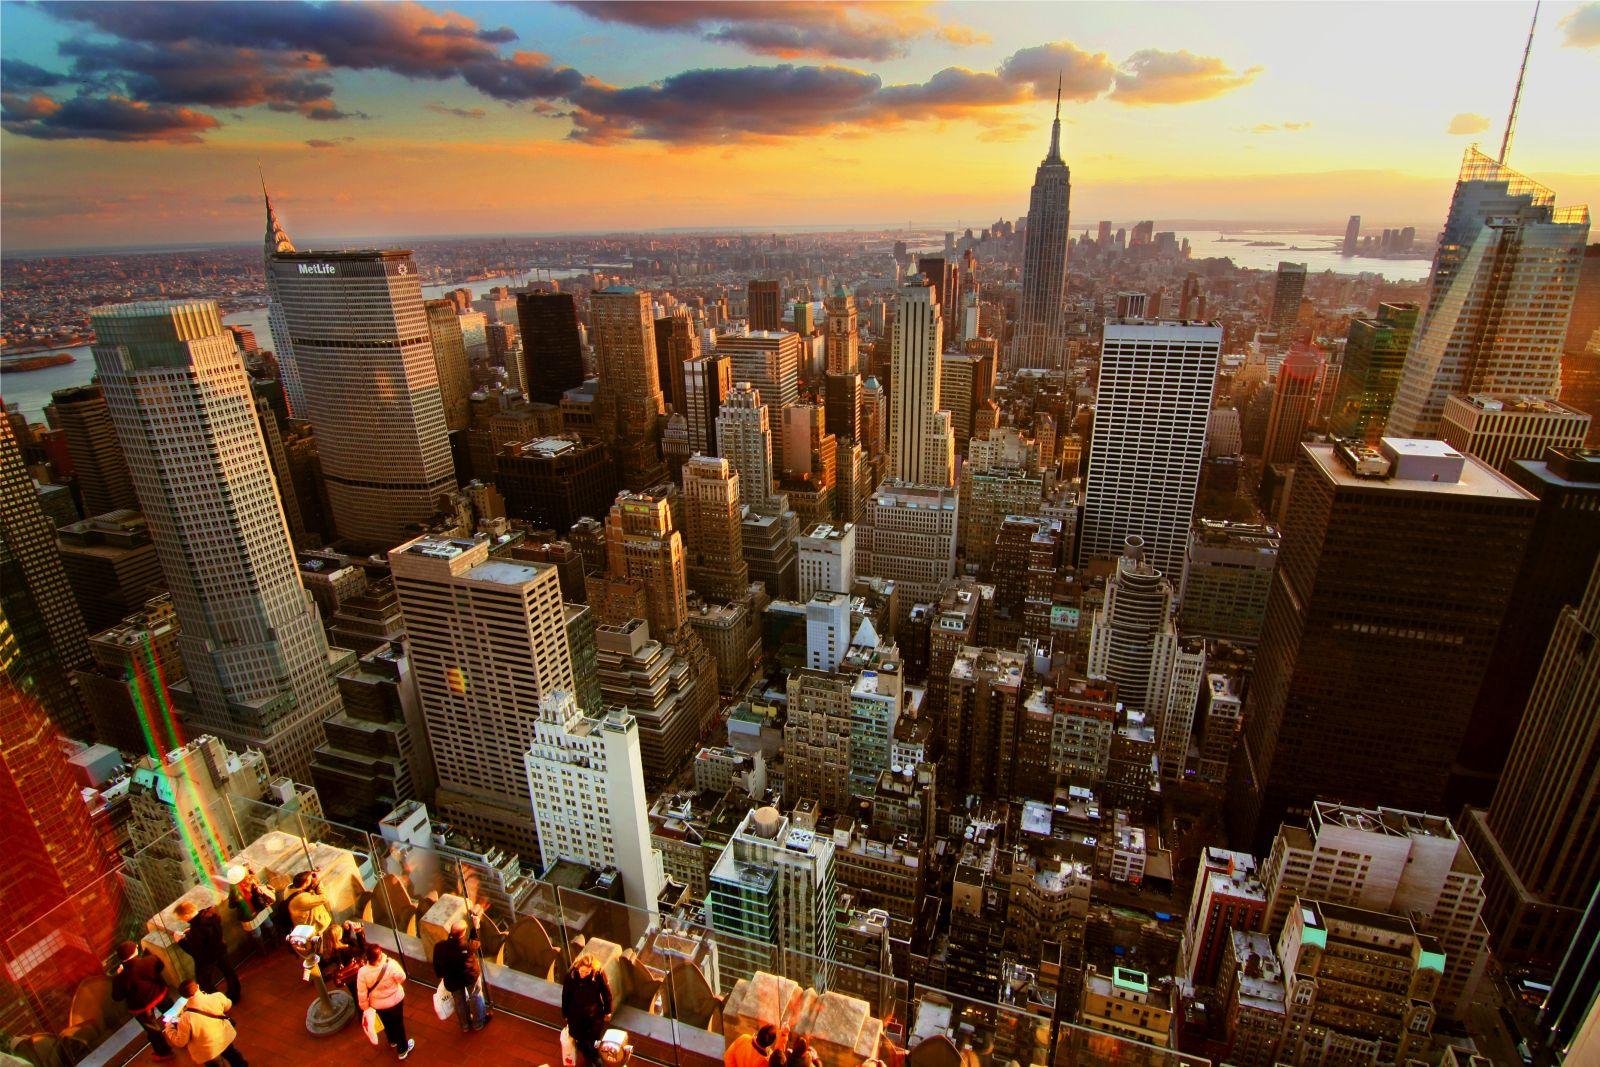 Душевный гид по особенностям Нью-Йорка от Оли Цибульской: дремучий лес, безграничные возможности и одиночество - фото №8